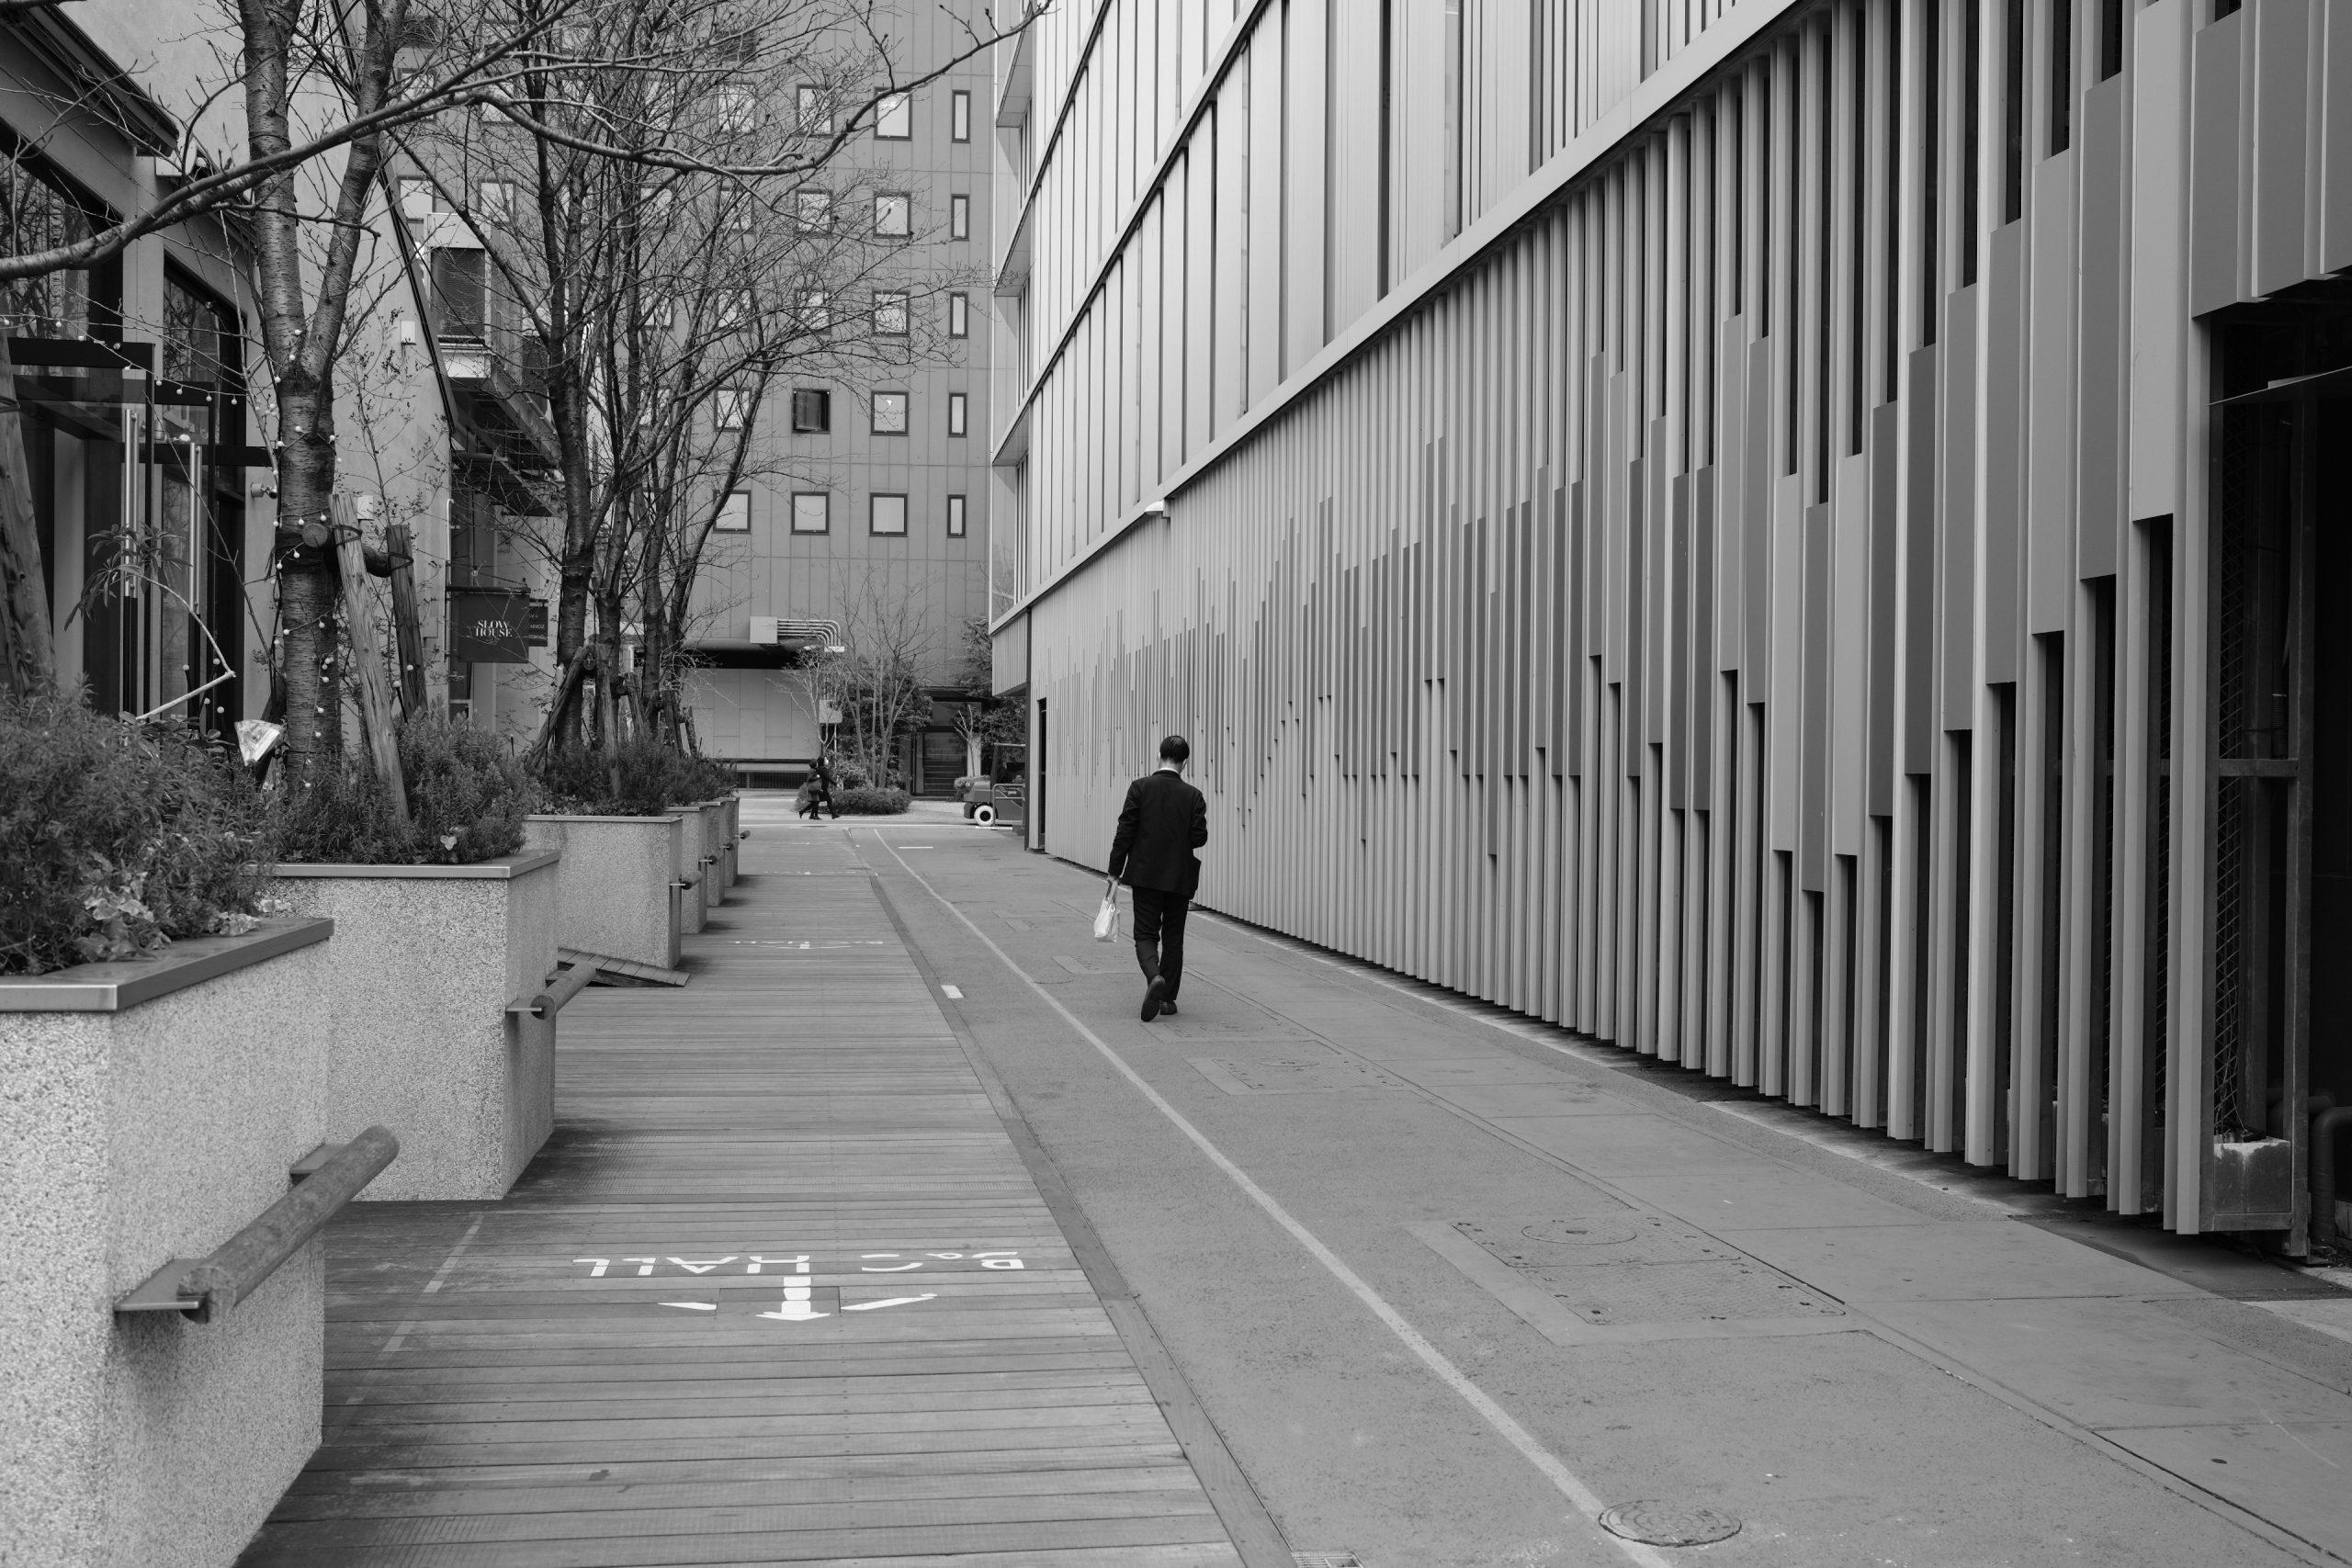 【FUJIFILM】X100Vとモノクロスナップ散歩